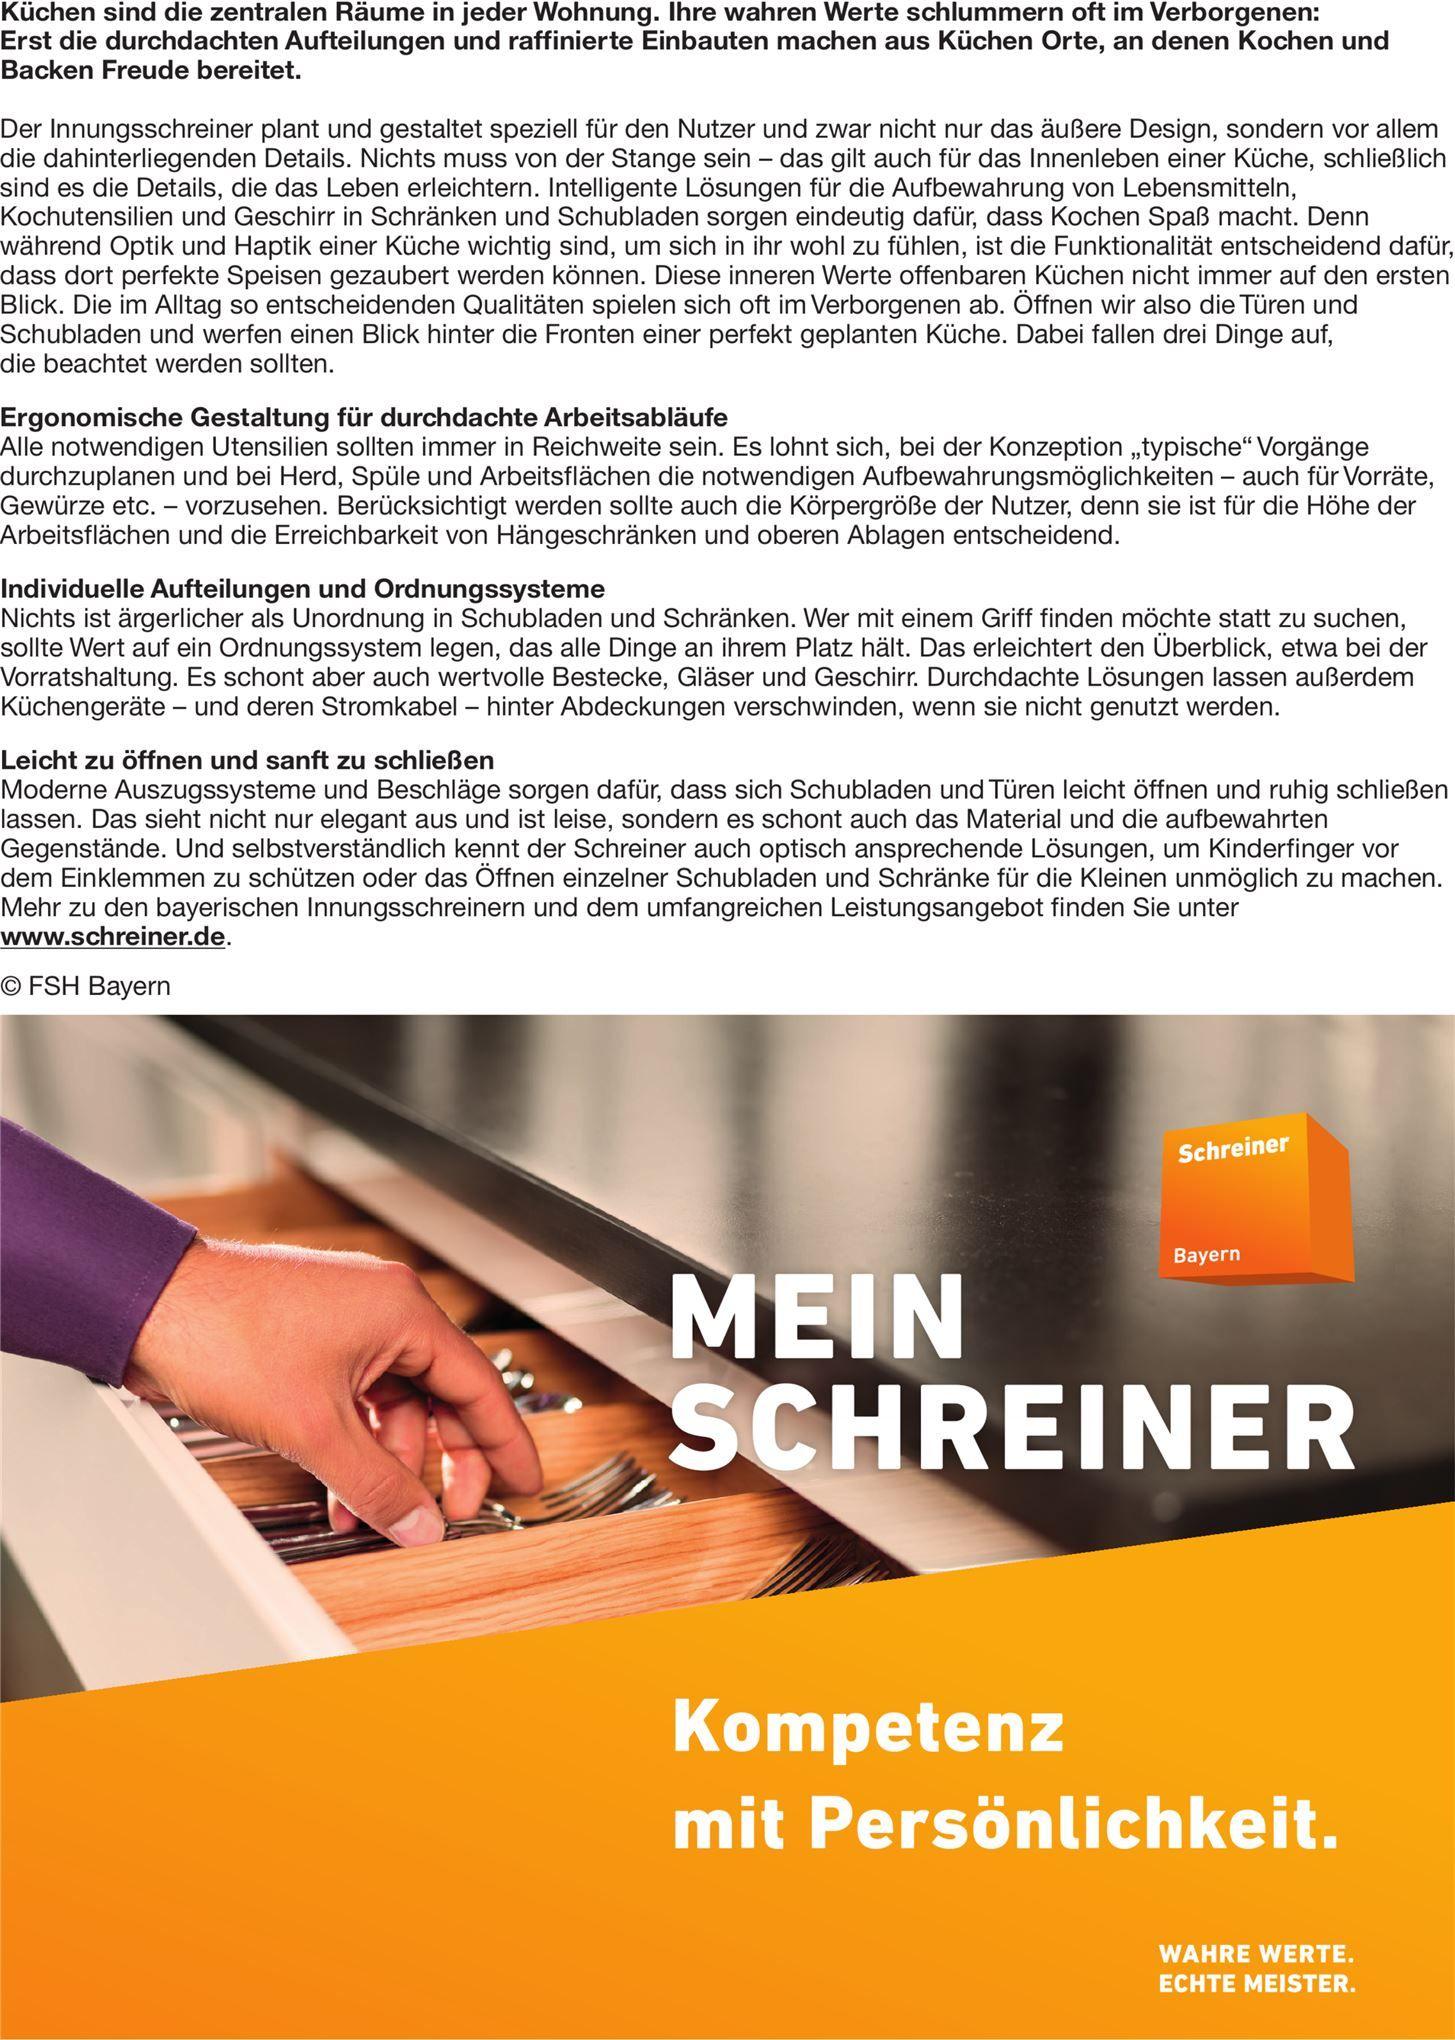 Sonderthema - 28.04.2018 - OVB Heimatzeitungen